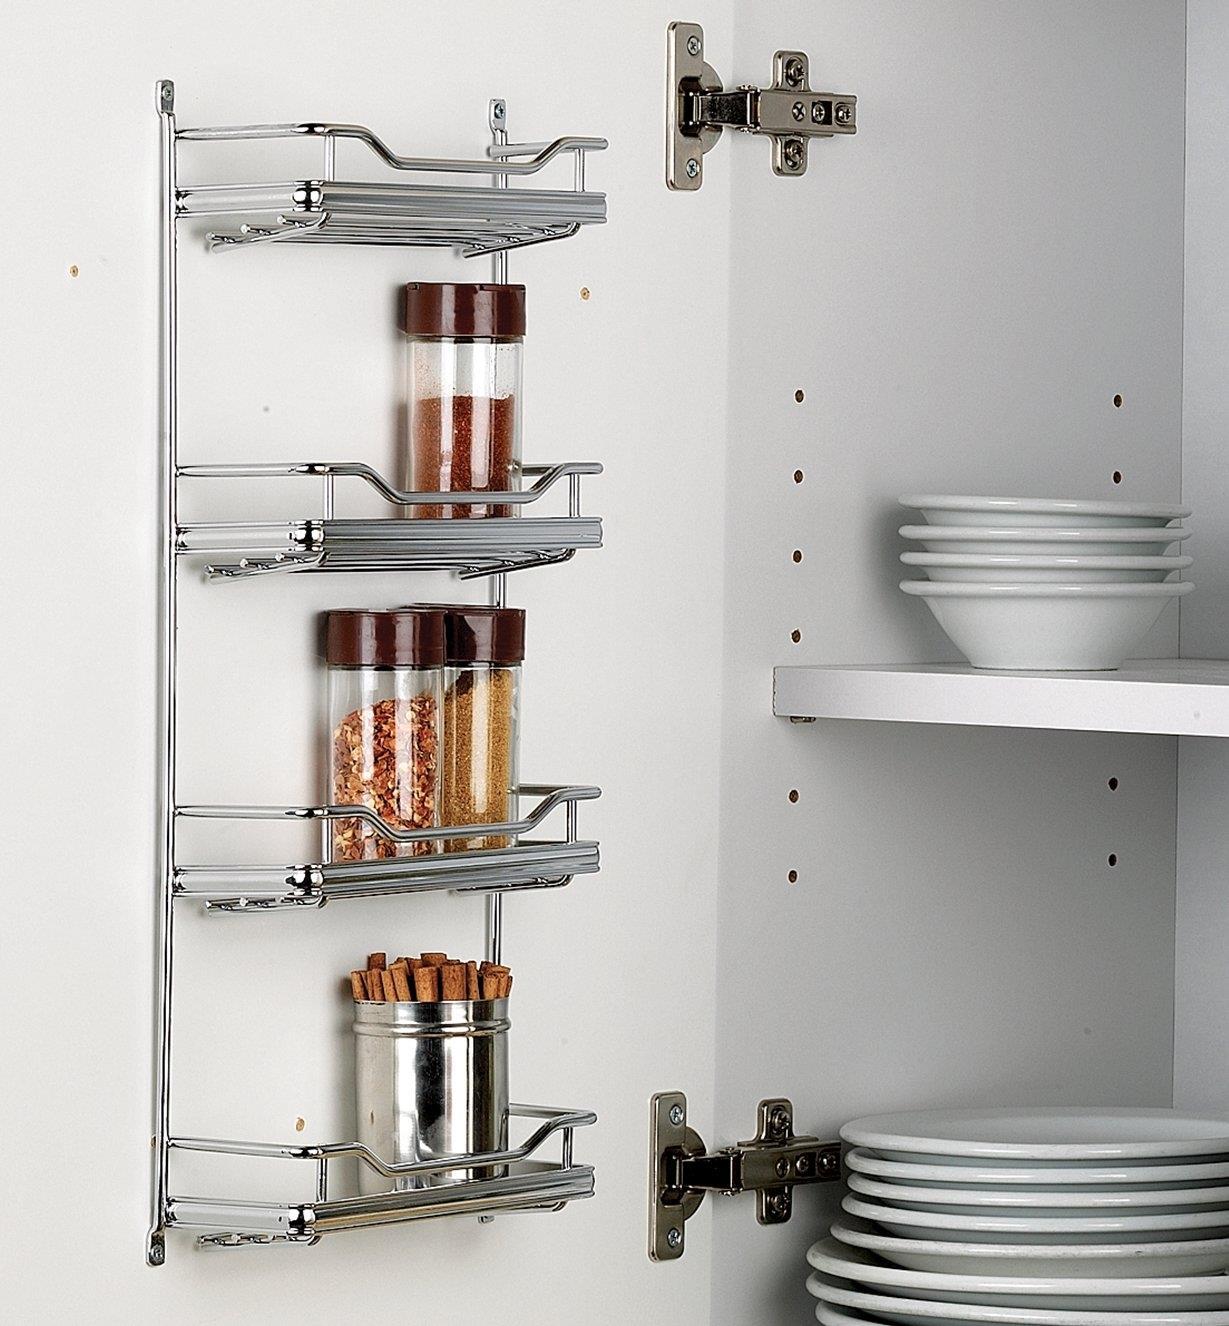 4-Shelf rack installed on a cupboard door